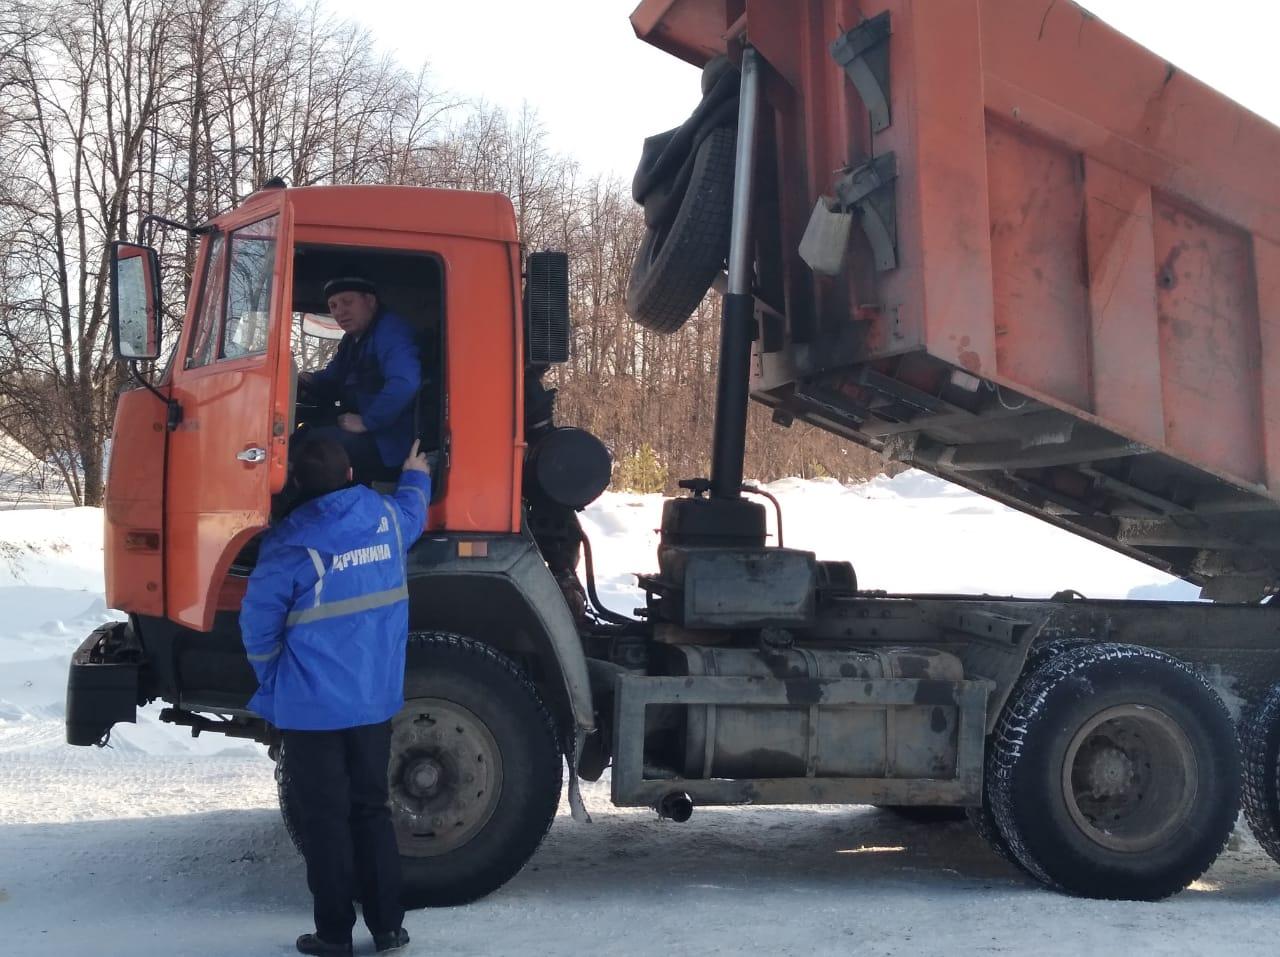 Отряд быстрого реагирования оперативно закрыл незаконный снегоотвал после жалобы барнаульцев